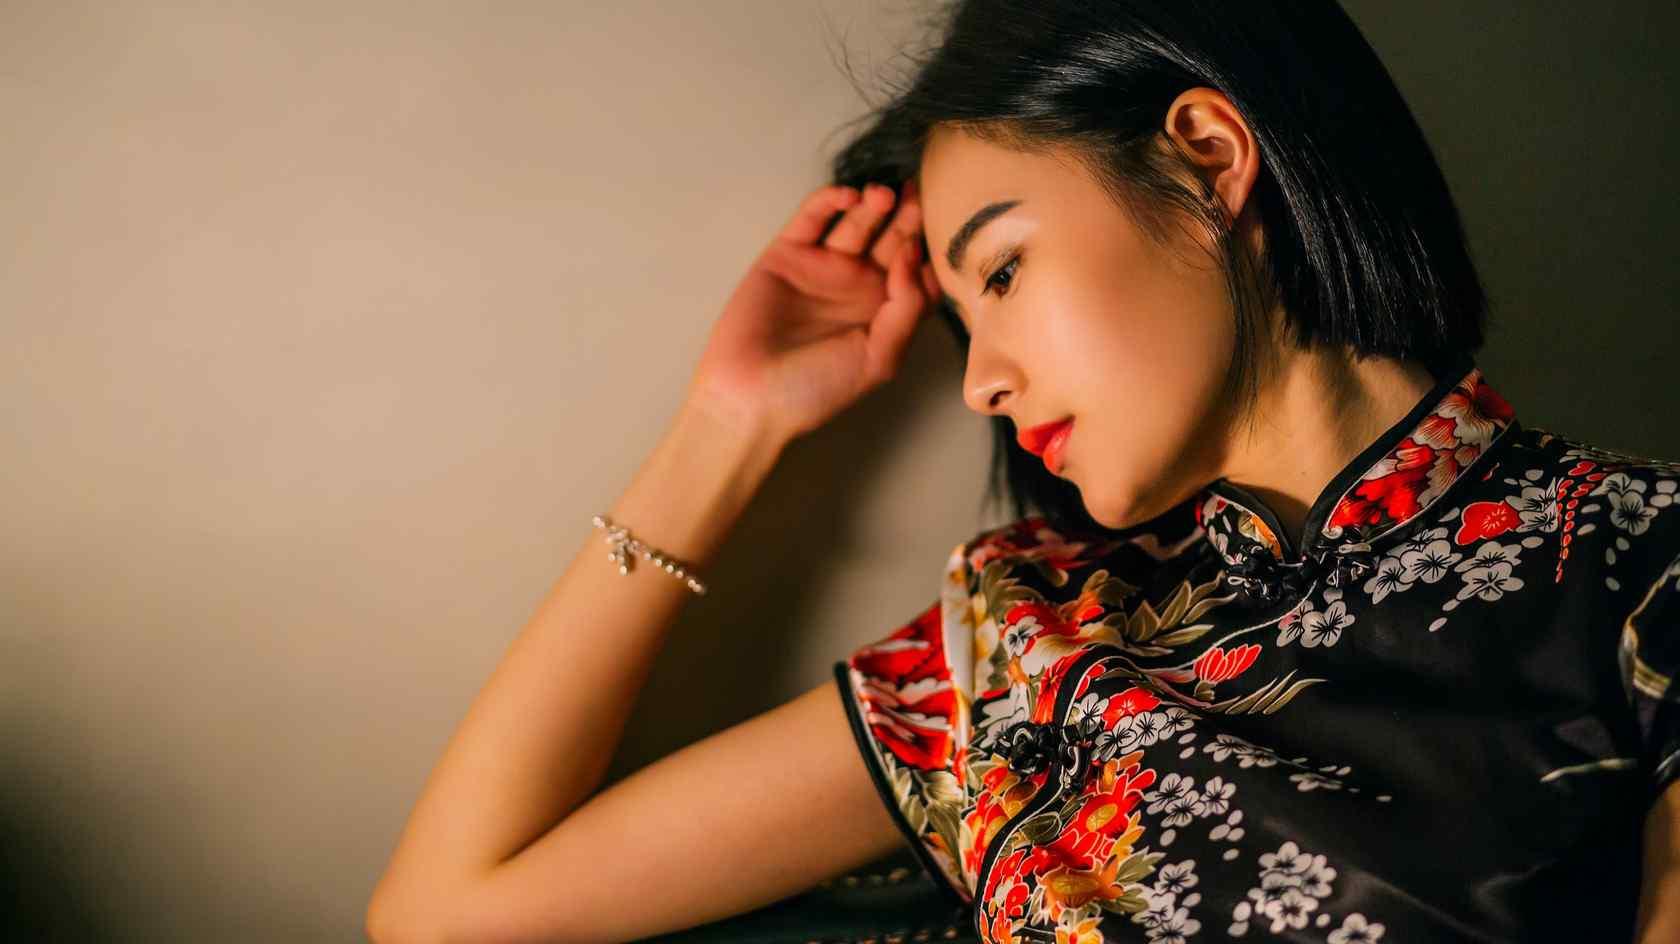 旗袍—复古旗袍女神桌面壁纸